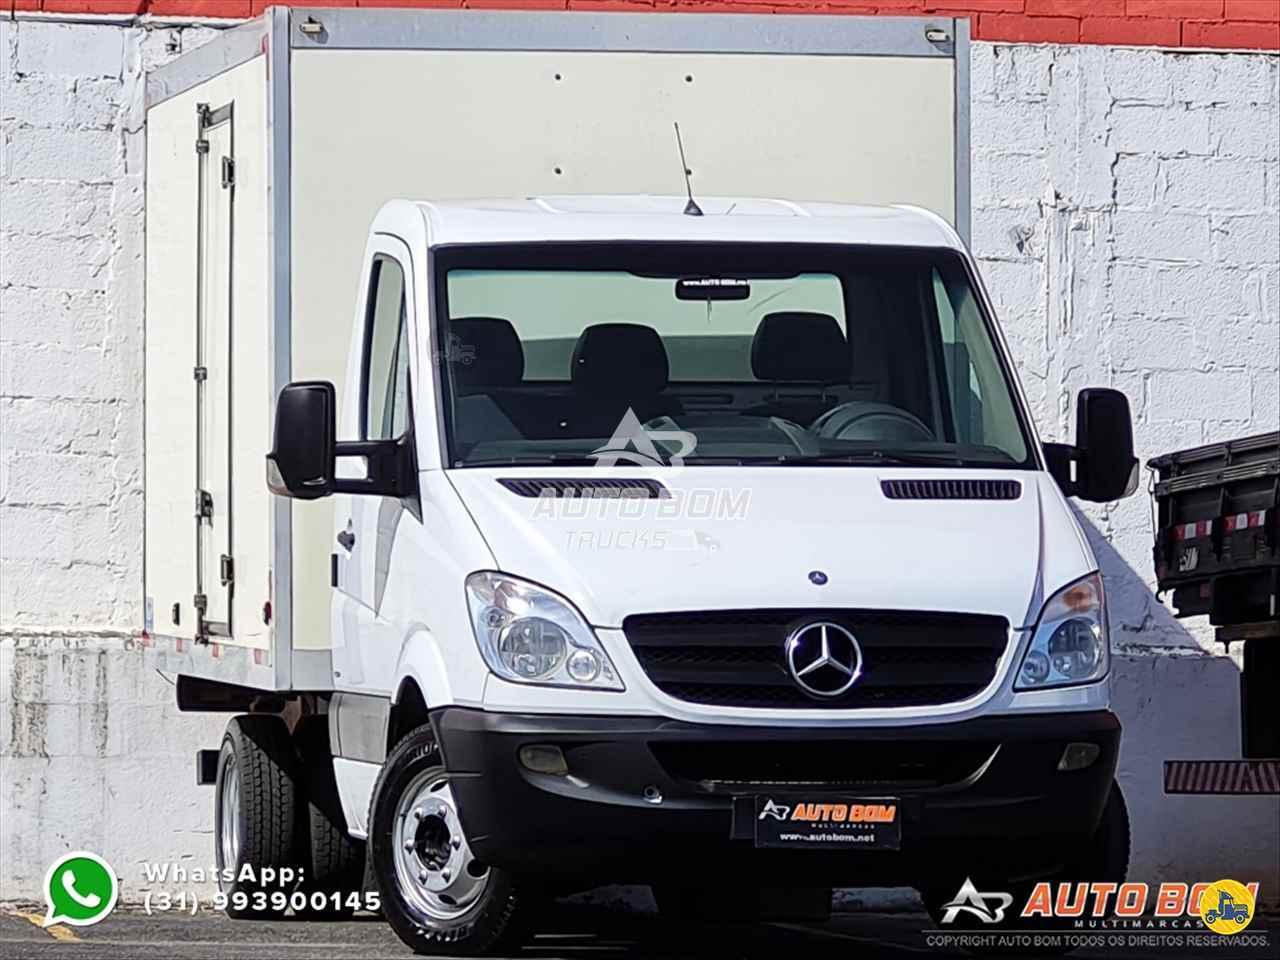 UTILITARIOS MERCEDES-BENZ Sprinter Pick UP 515 Autobom Trucks CONTAGEM MINAS GERAIS MG